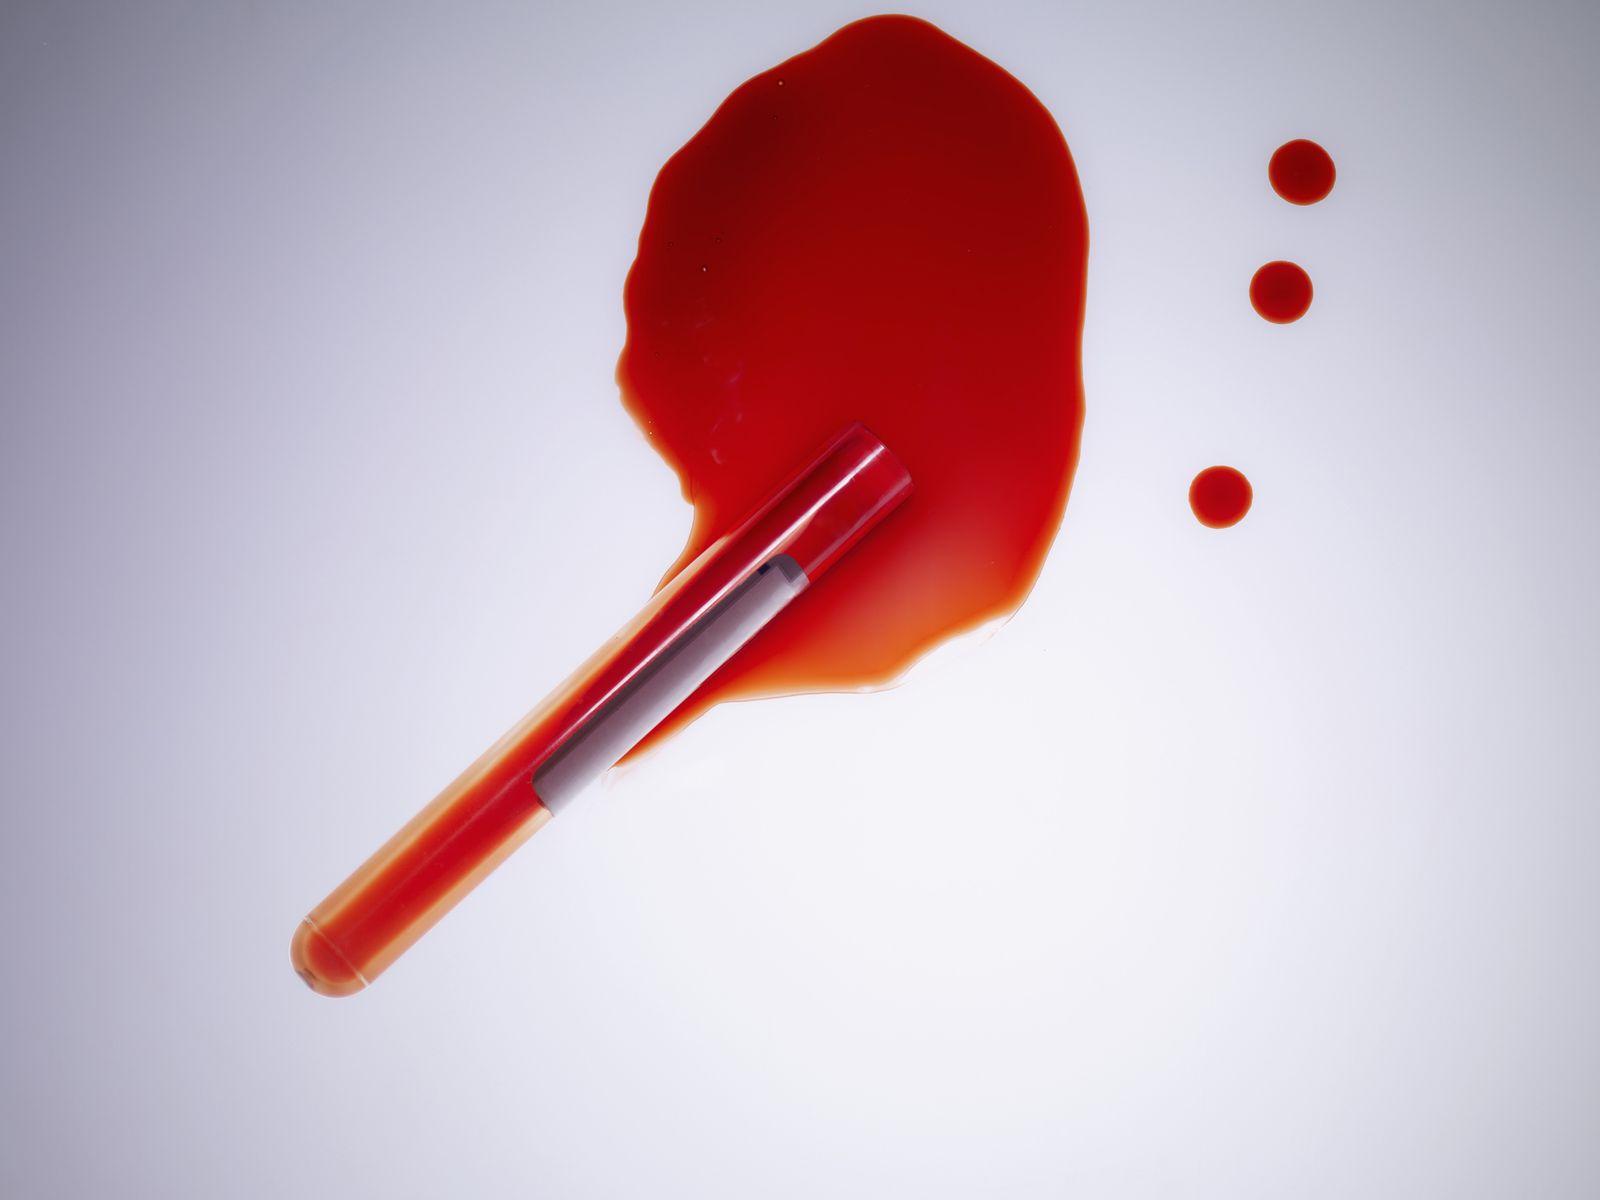 NICHT MEHR VERWENDEN! - Blutgruppe